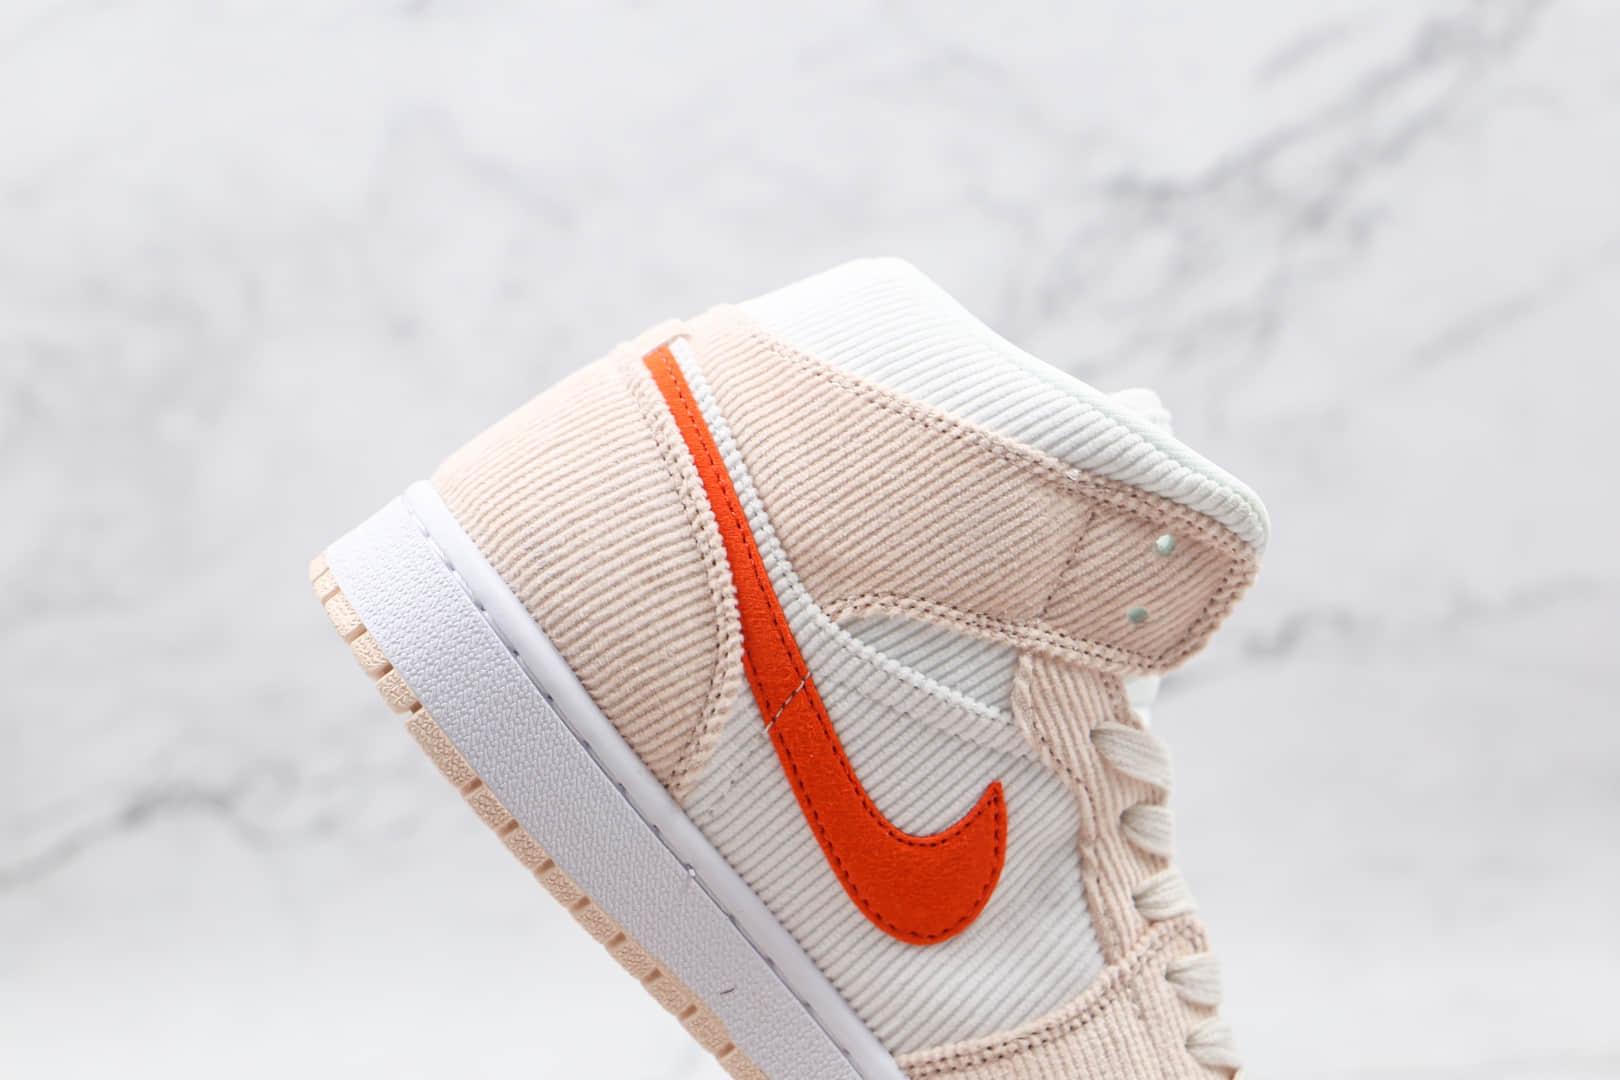 耐克Nike Air Jordan 1 Zoom CMFT纯原版本中帮AJ1米白橙色灯芯绒款板鞋原楦头纸板打造 货号:DA8009-108